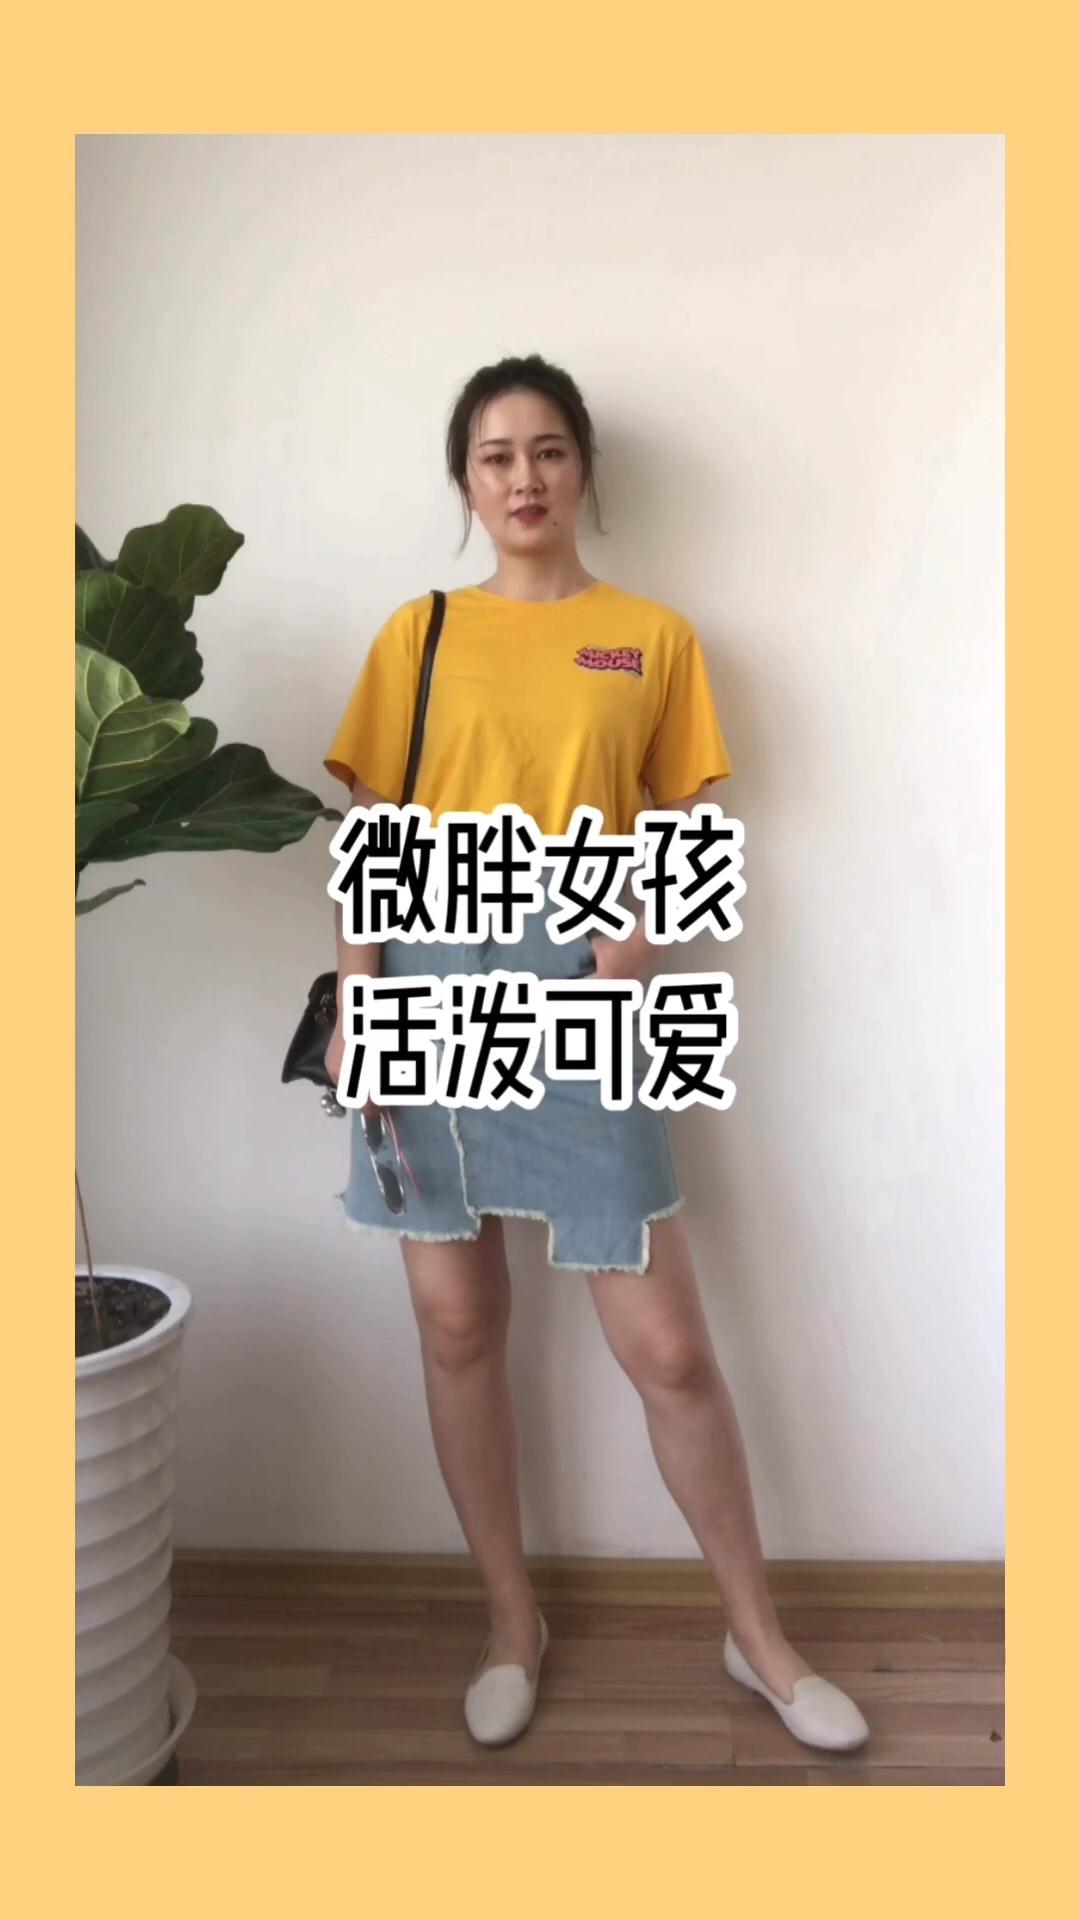 #贫民窟女孩的穿衣经get#  黄色巨显白 超有设计感的裙子👗 满满活力 满满减龄感 简单的搭配 清爽大气